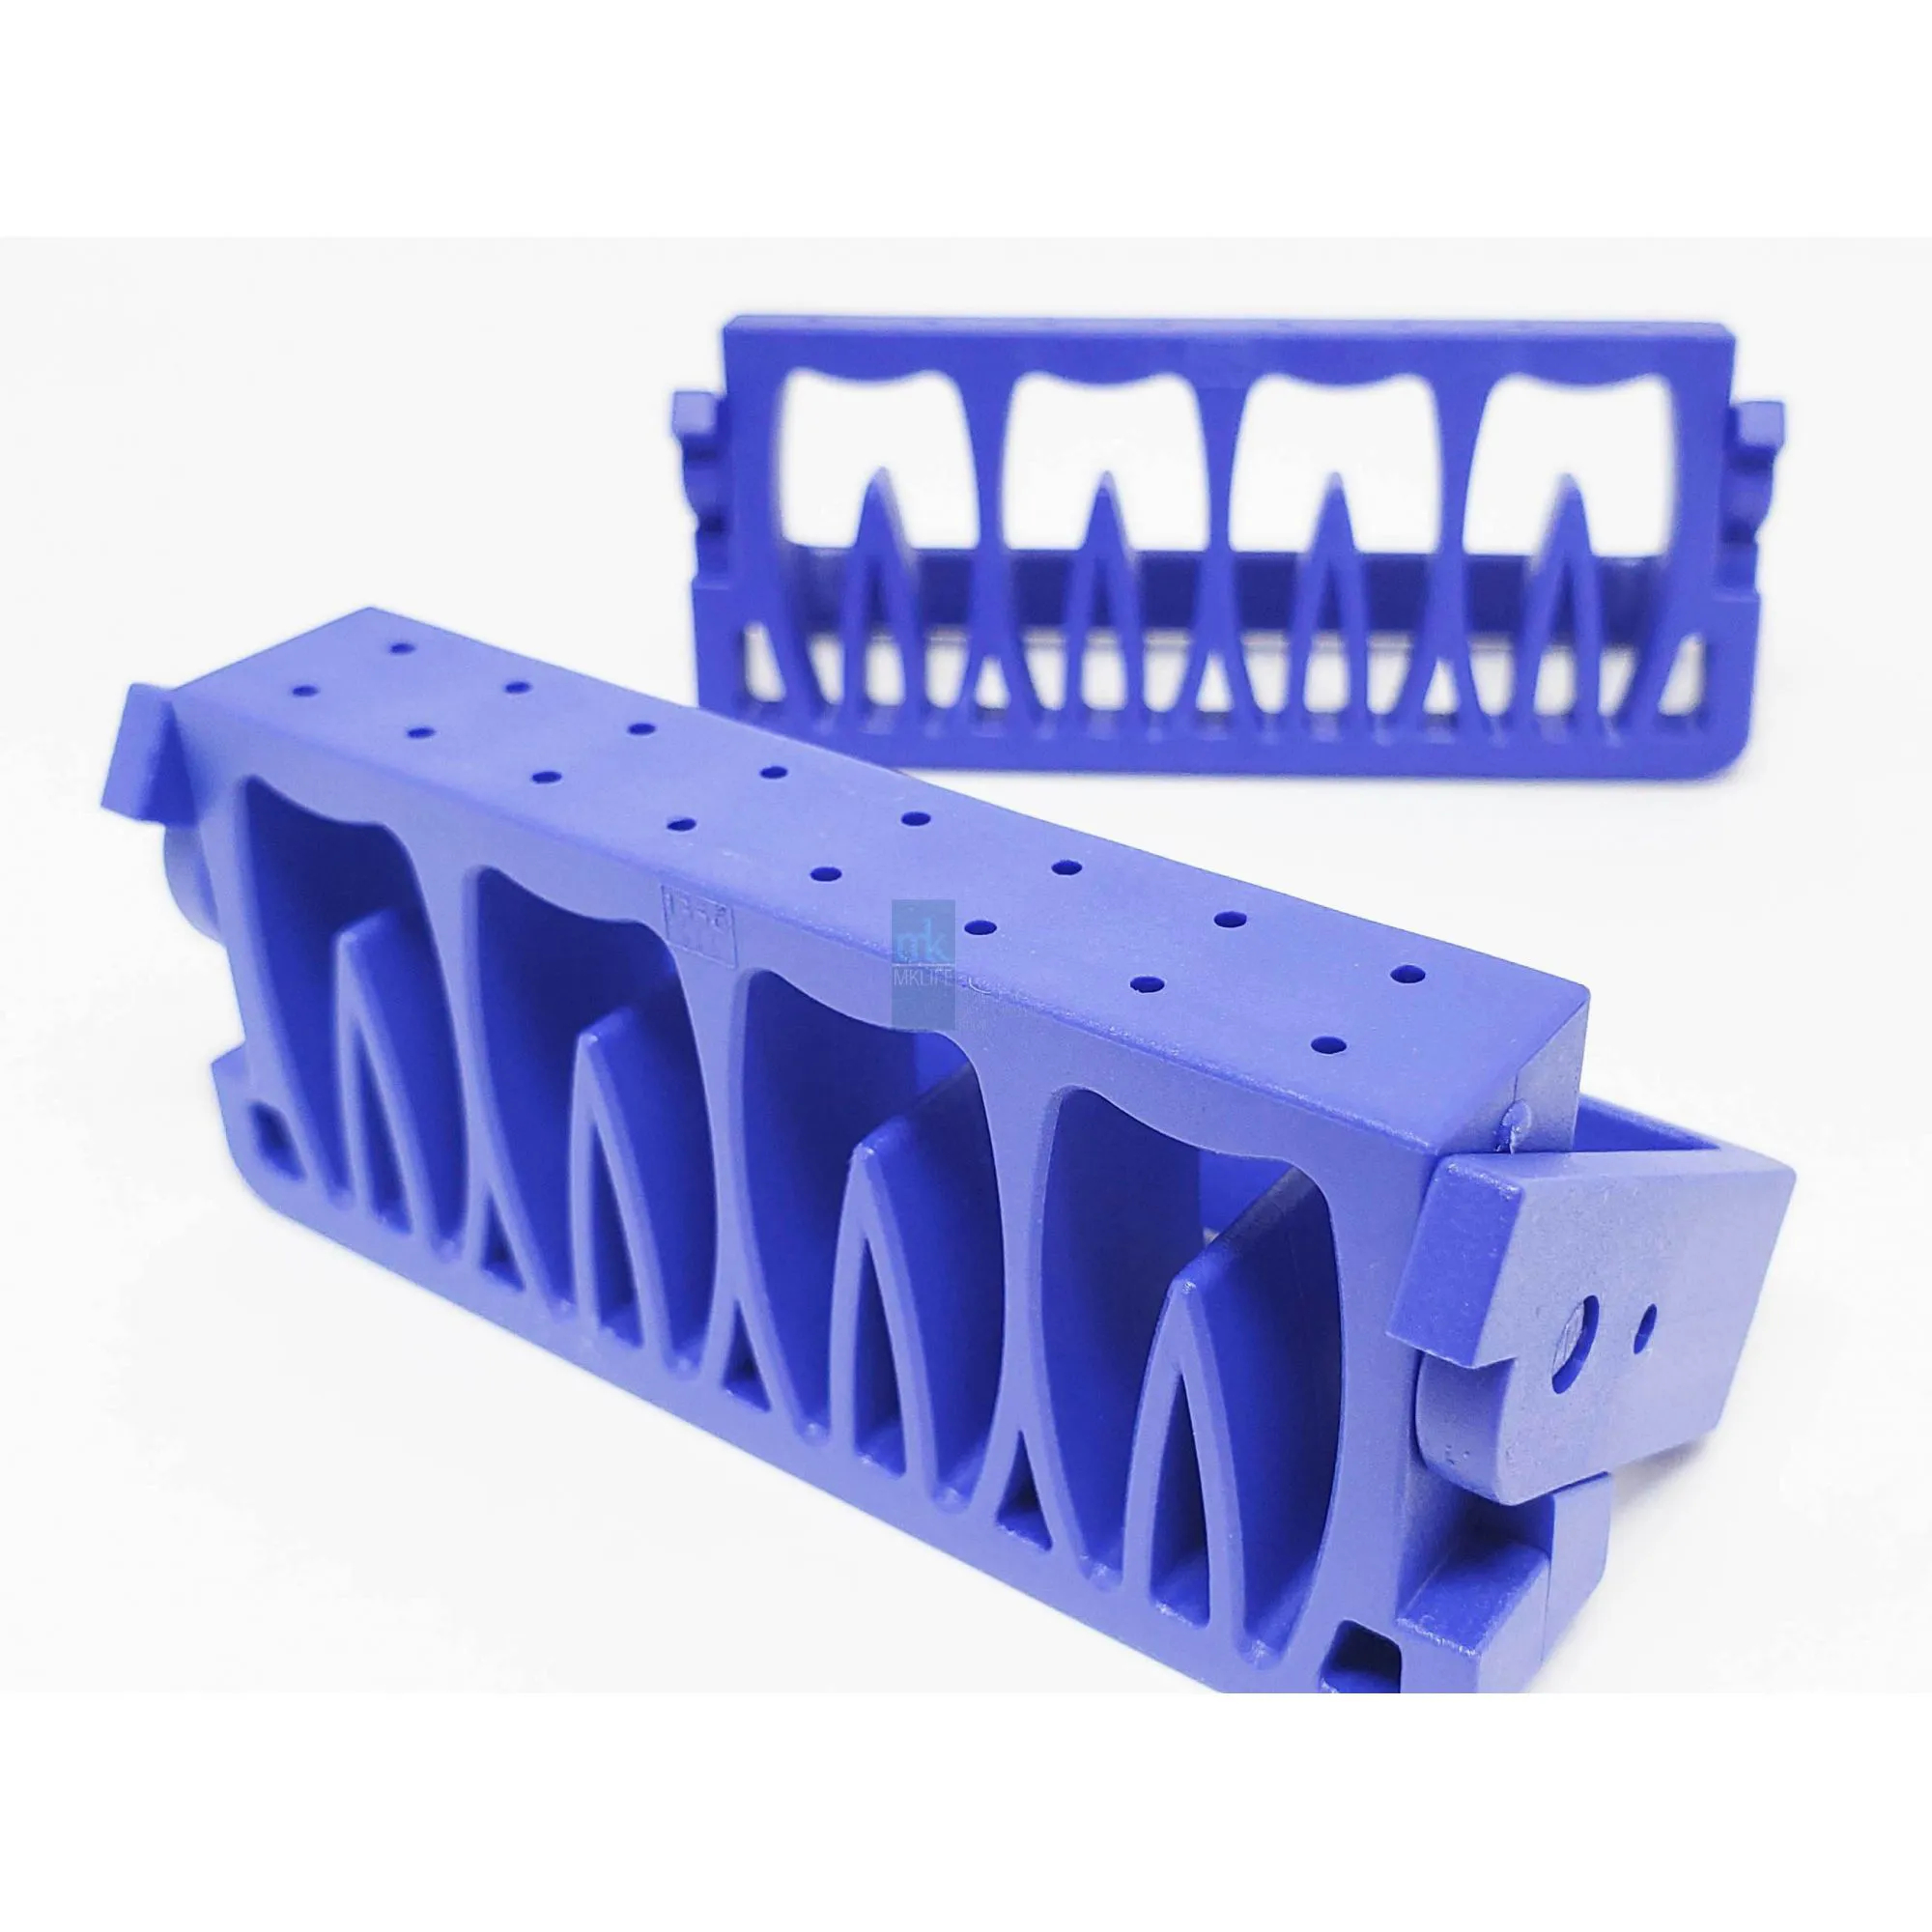 Estojo p/ Autoclavar Limas (16 Instrumentos) - MkLife  -  Dental Paiva